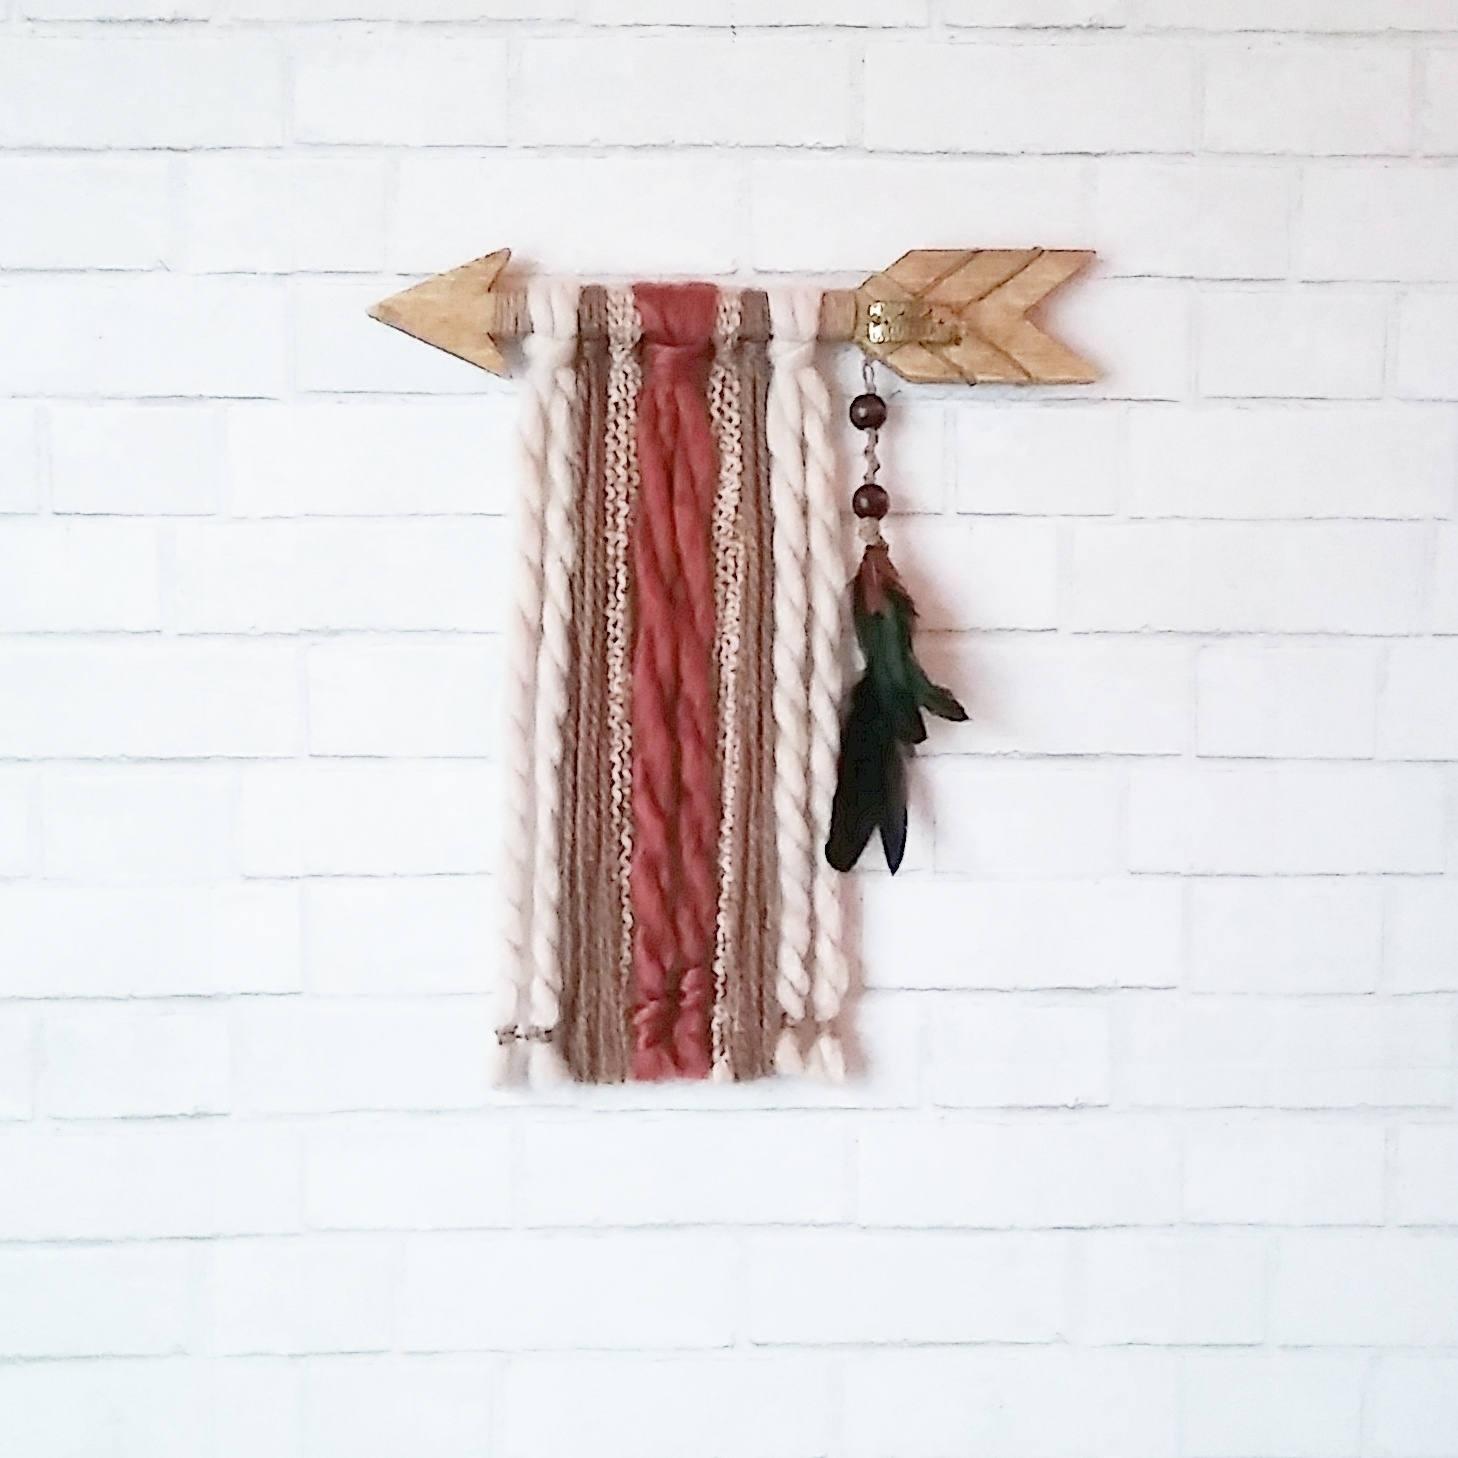 Wood Arrow Wall Hanging / Boho Nursery Decor / Yarn Wall Hanging In Yarn Wall Art (View 19 of 20)